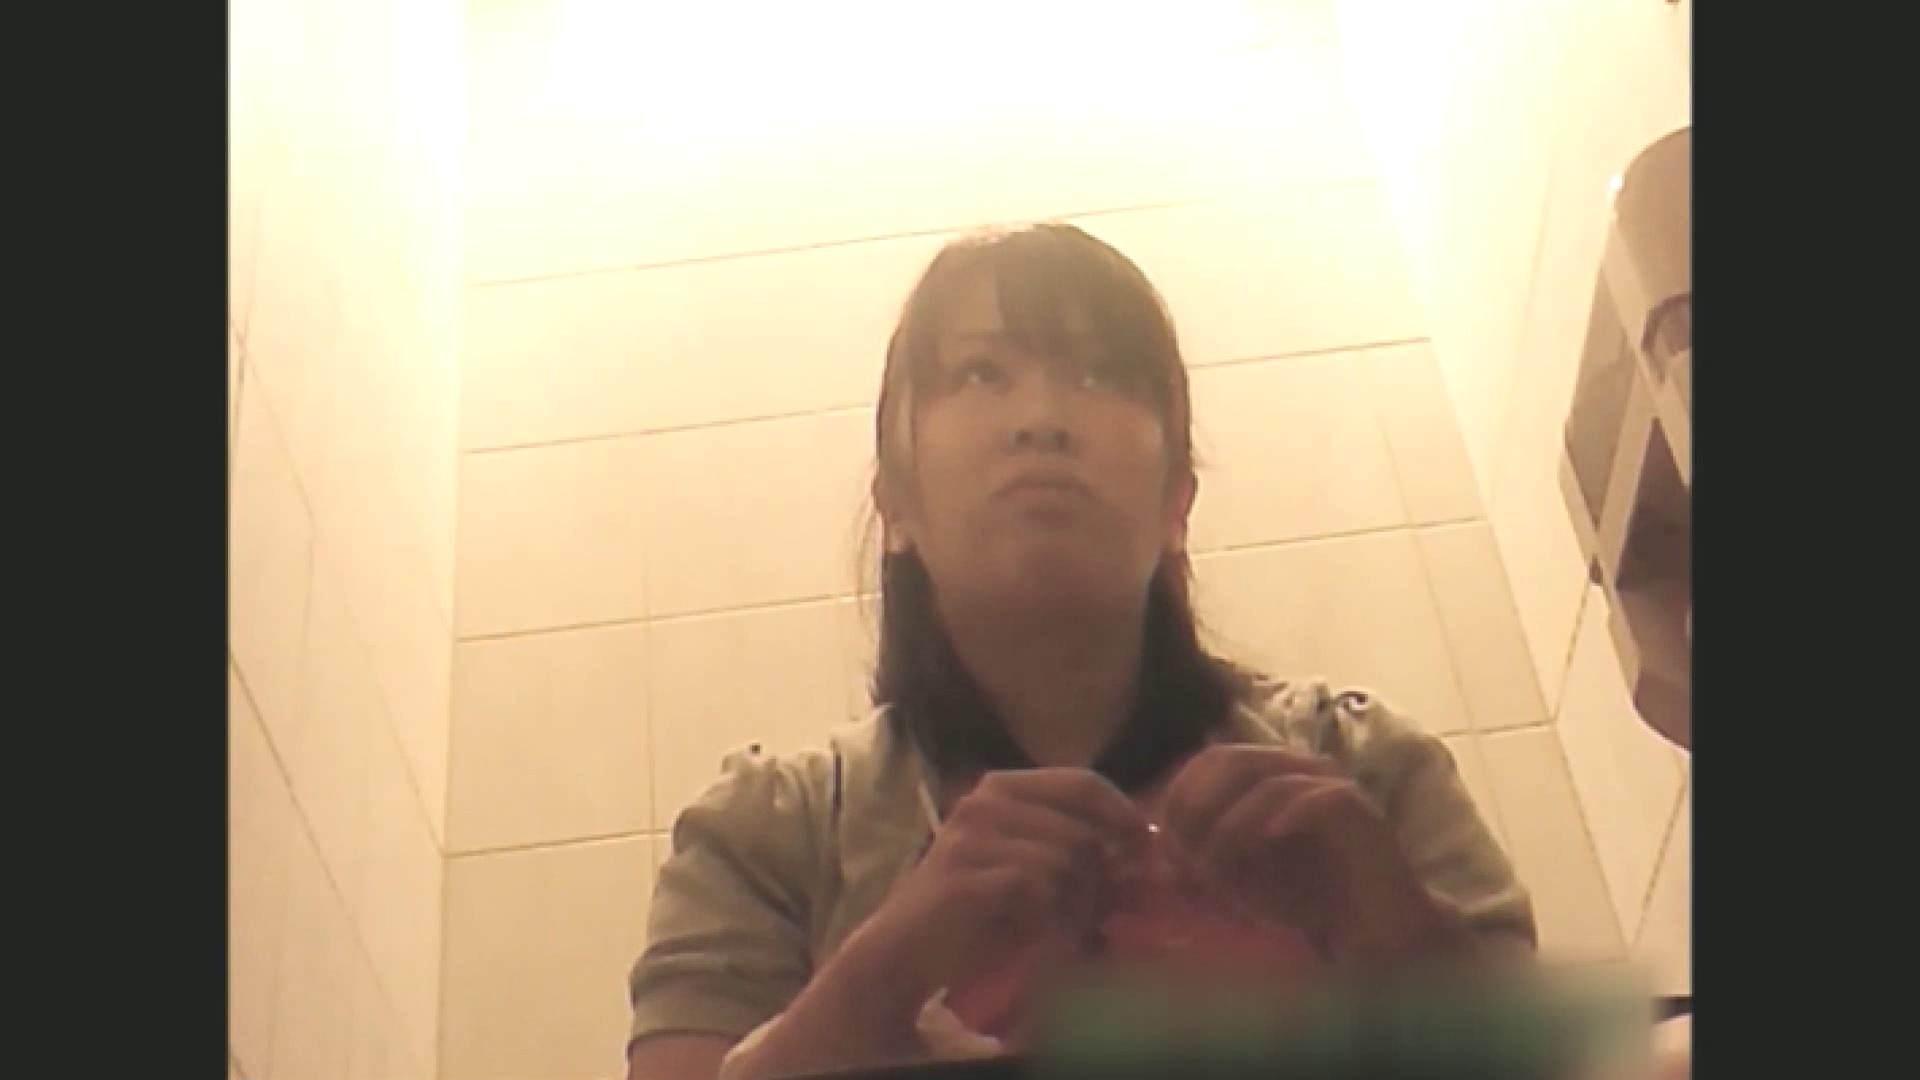 実録!!綺麗なお姉さんのトイレ事情・・・。vol.1 OL女体 スケベ動画紹介 72連発 27